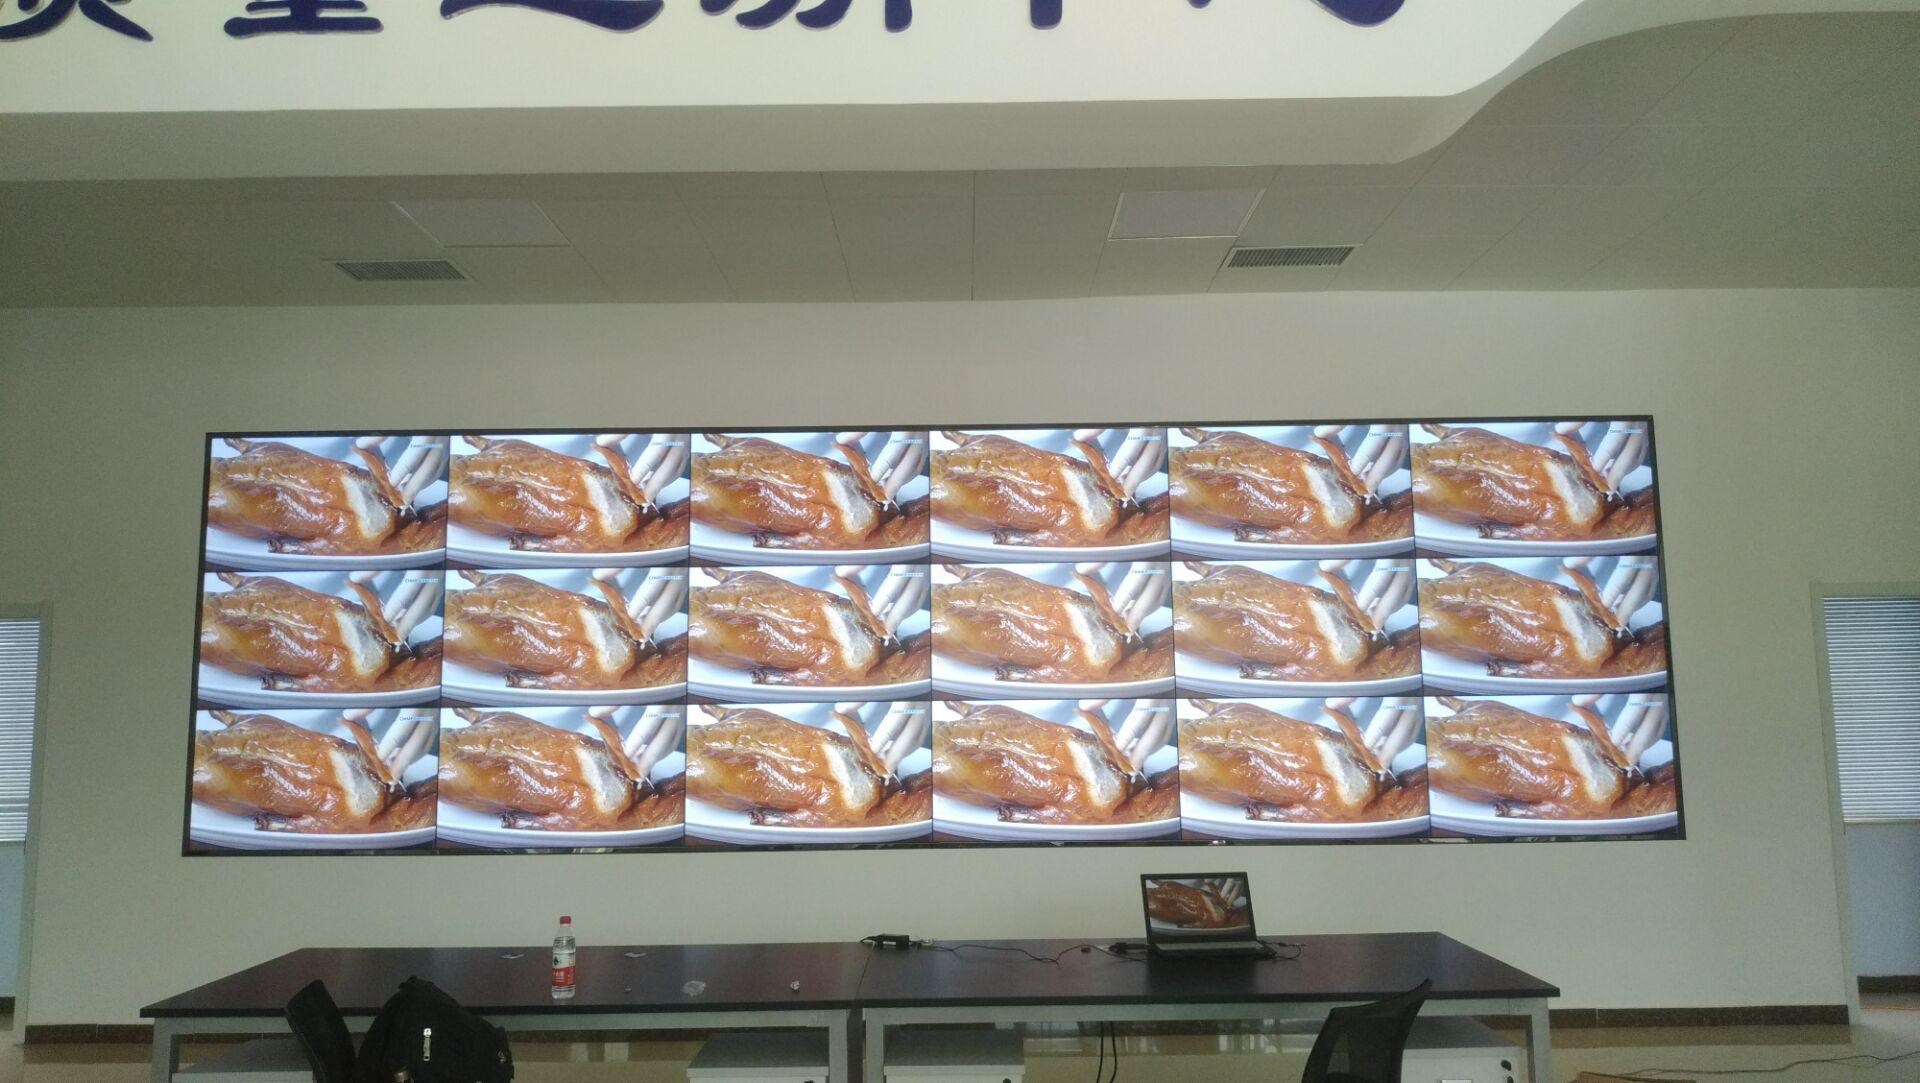 苏州蓬莱山庄在迷你光电采购一套55寸1.7mm液晶拼接屏